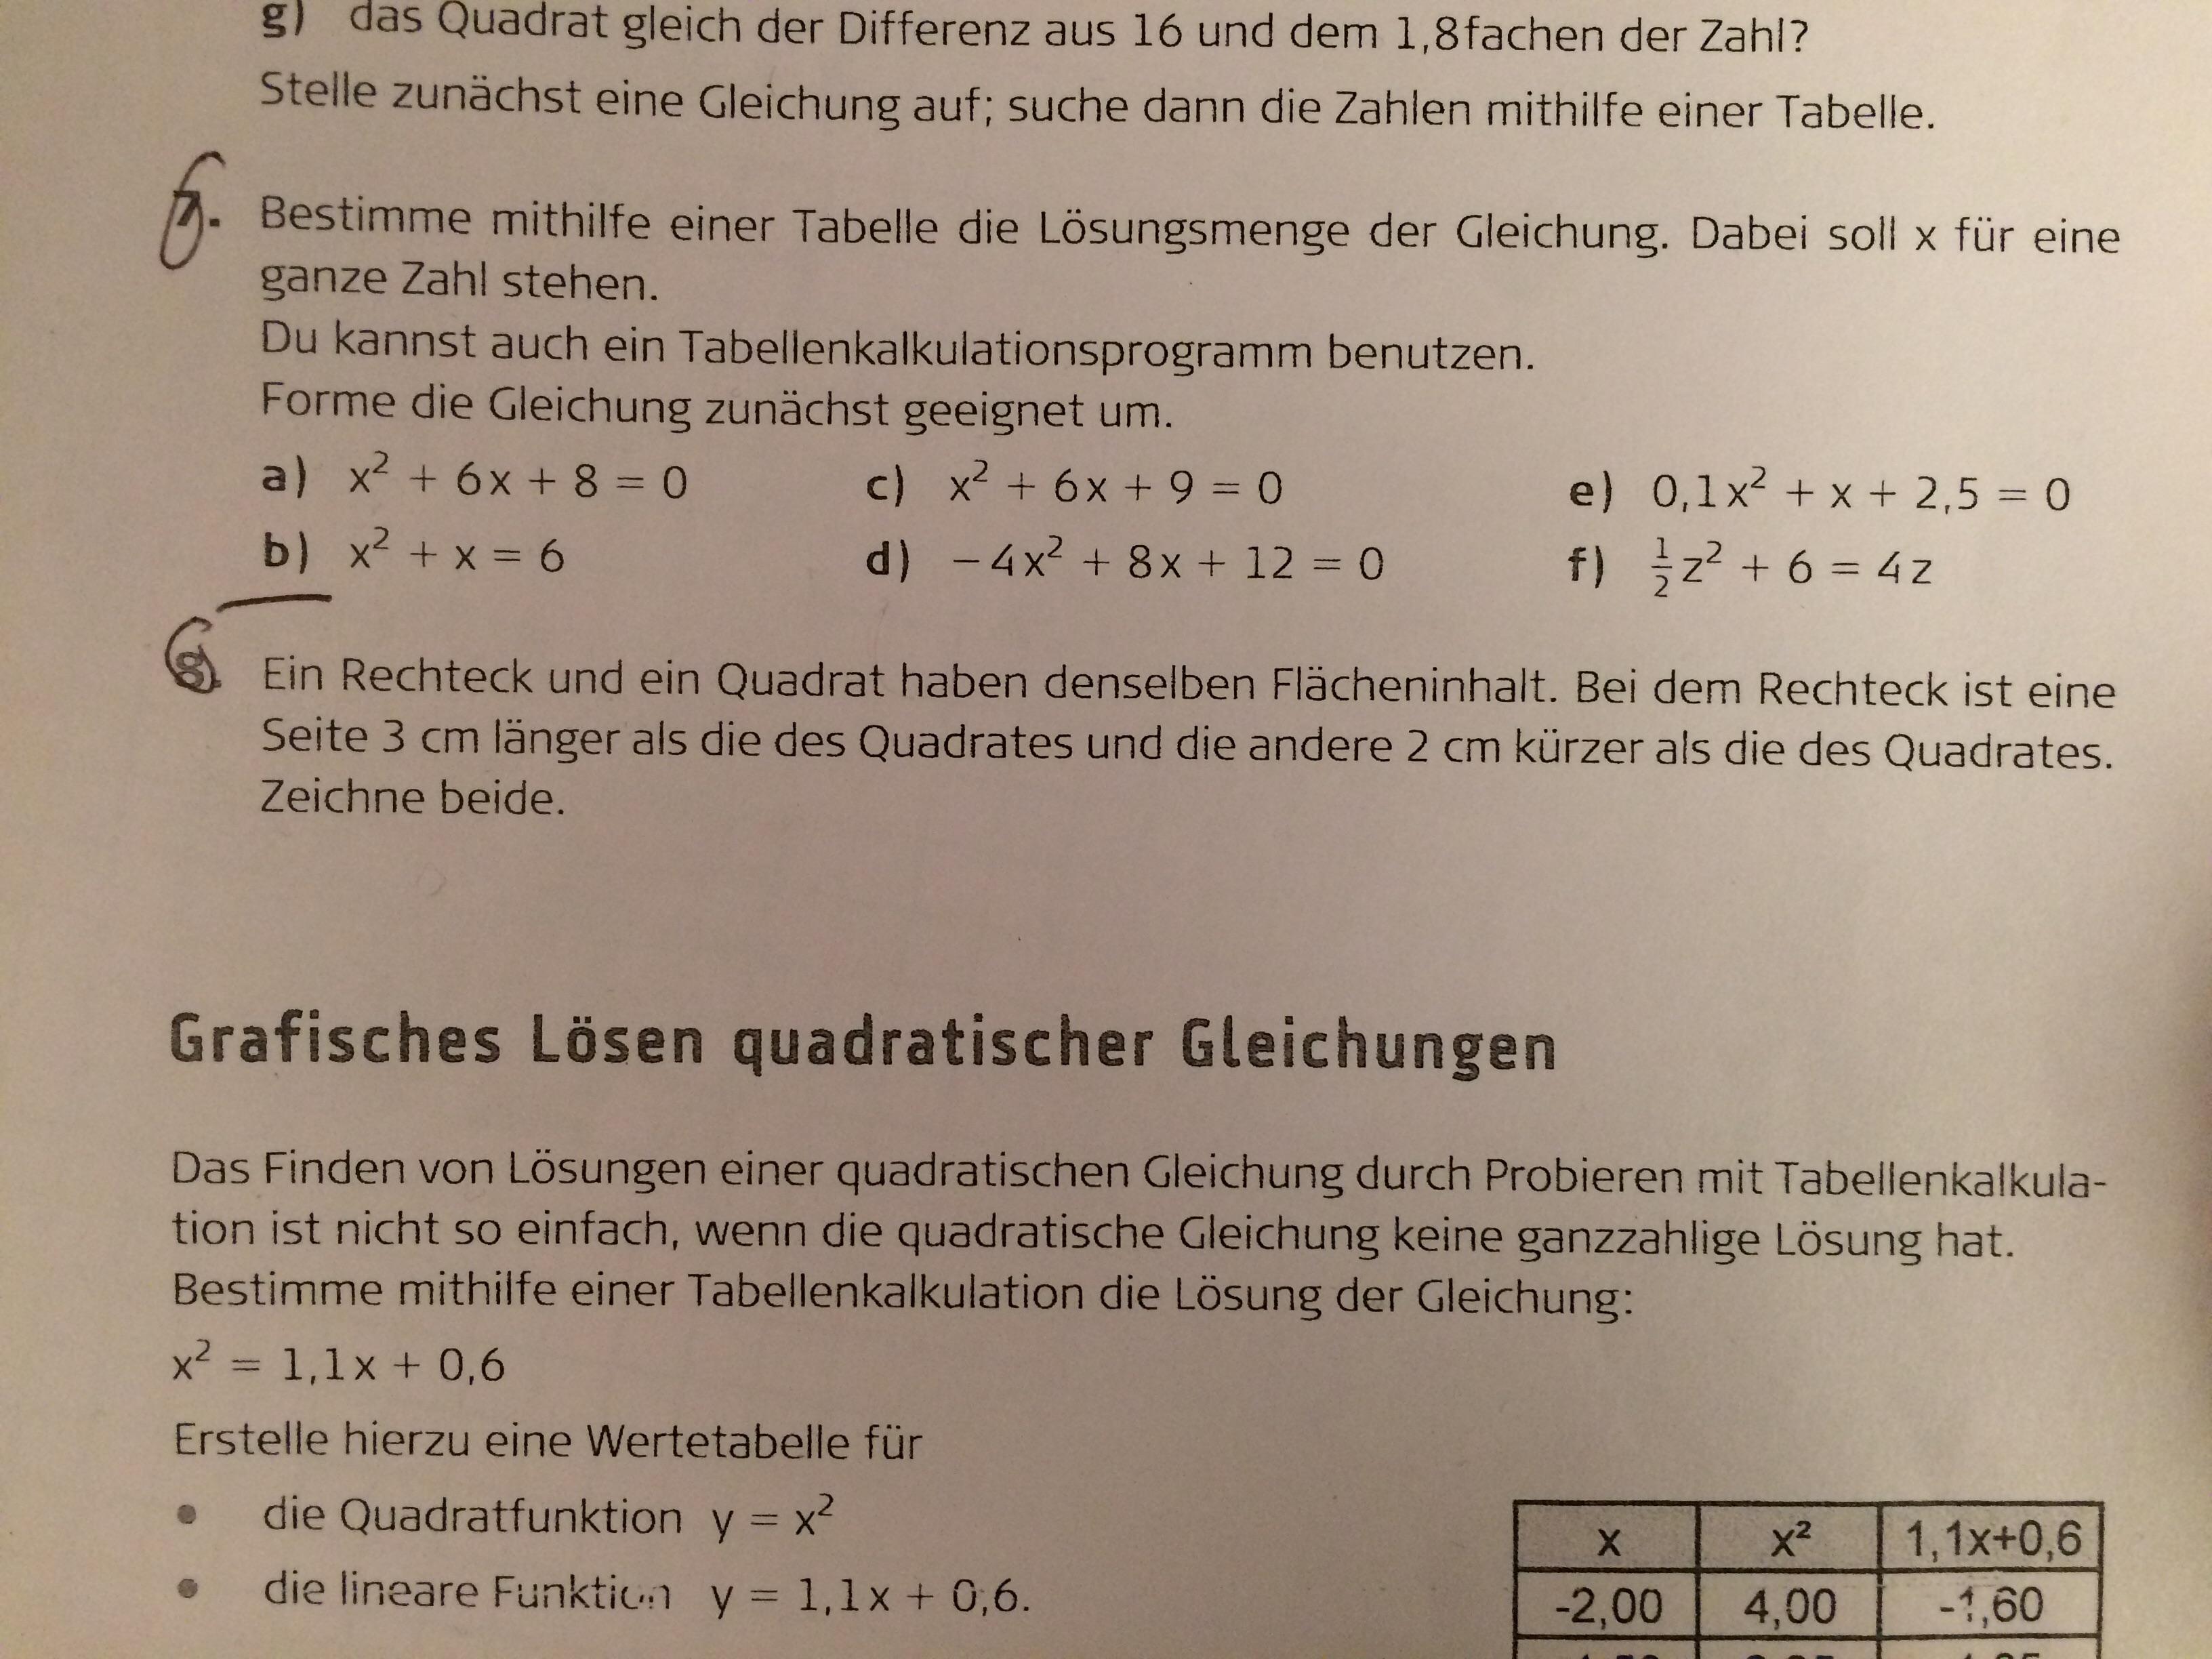 Quadratische Gleichung aus Text Aufgabe entnehmen? (Mathe, Gleichungen)